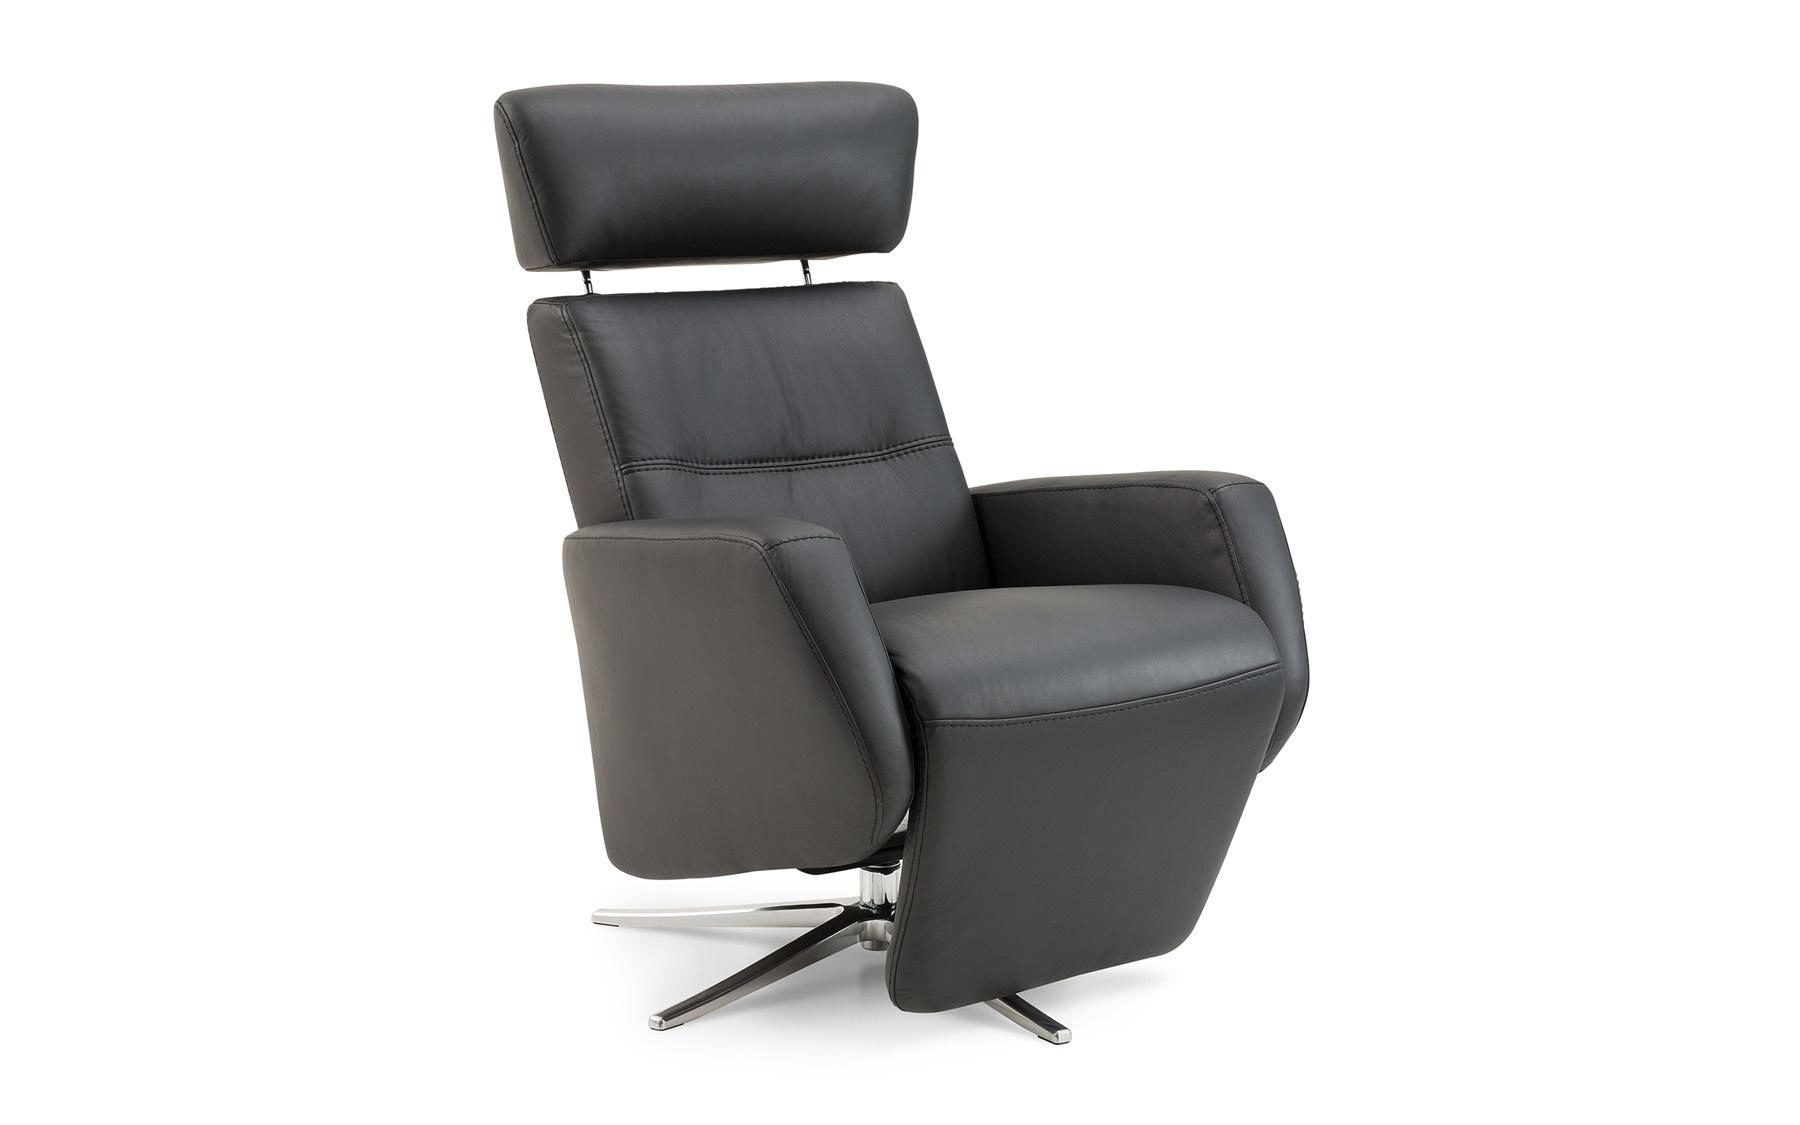 fauteuil inclinable cuir 883 fauteuils salons la galerie du meuble. Black Bedroom Furniture Sets. Home Design Ideas